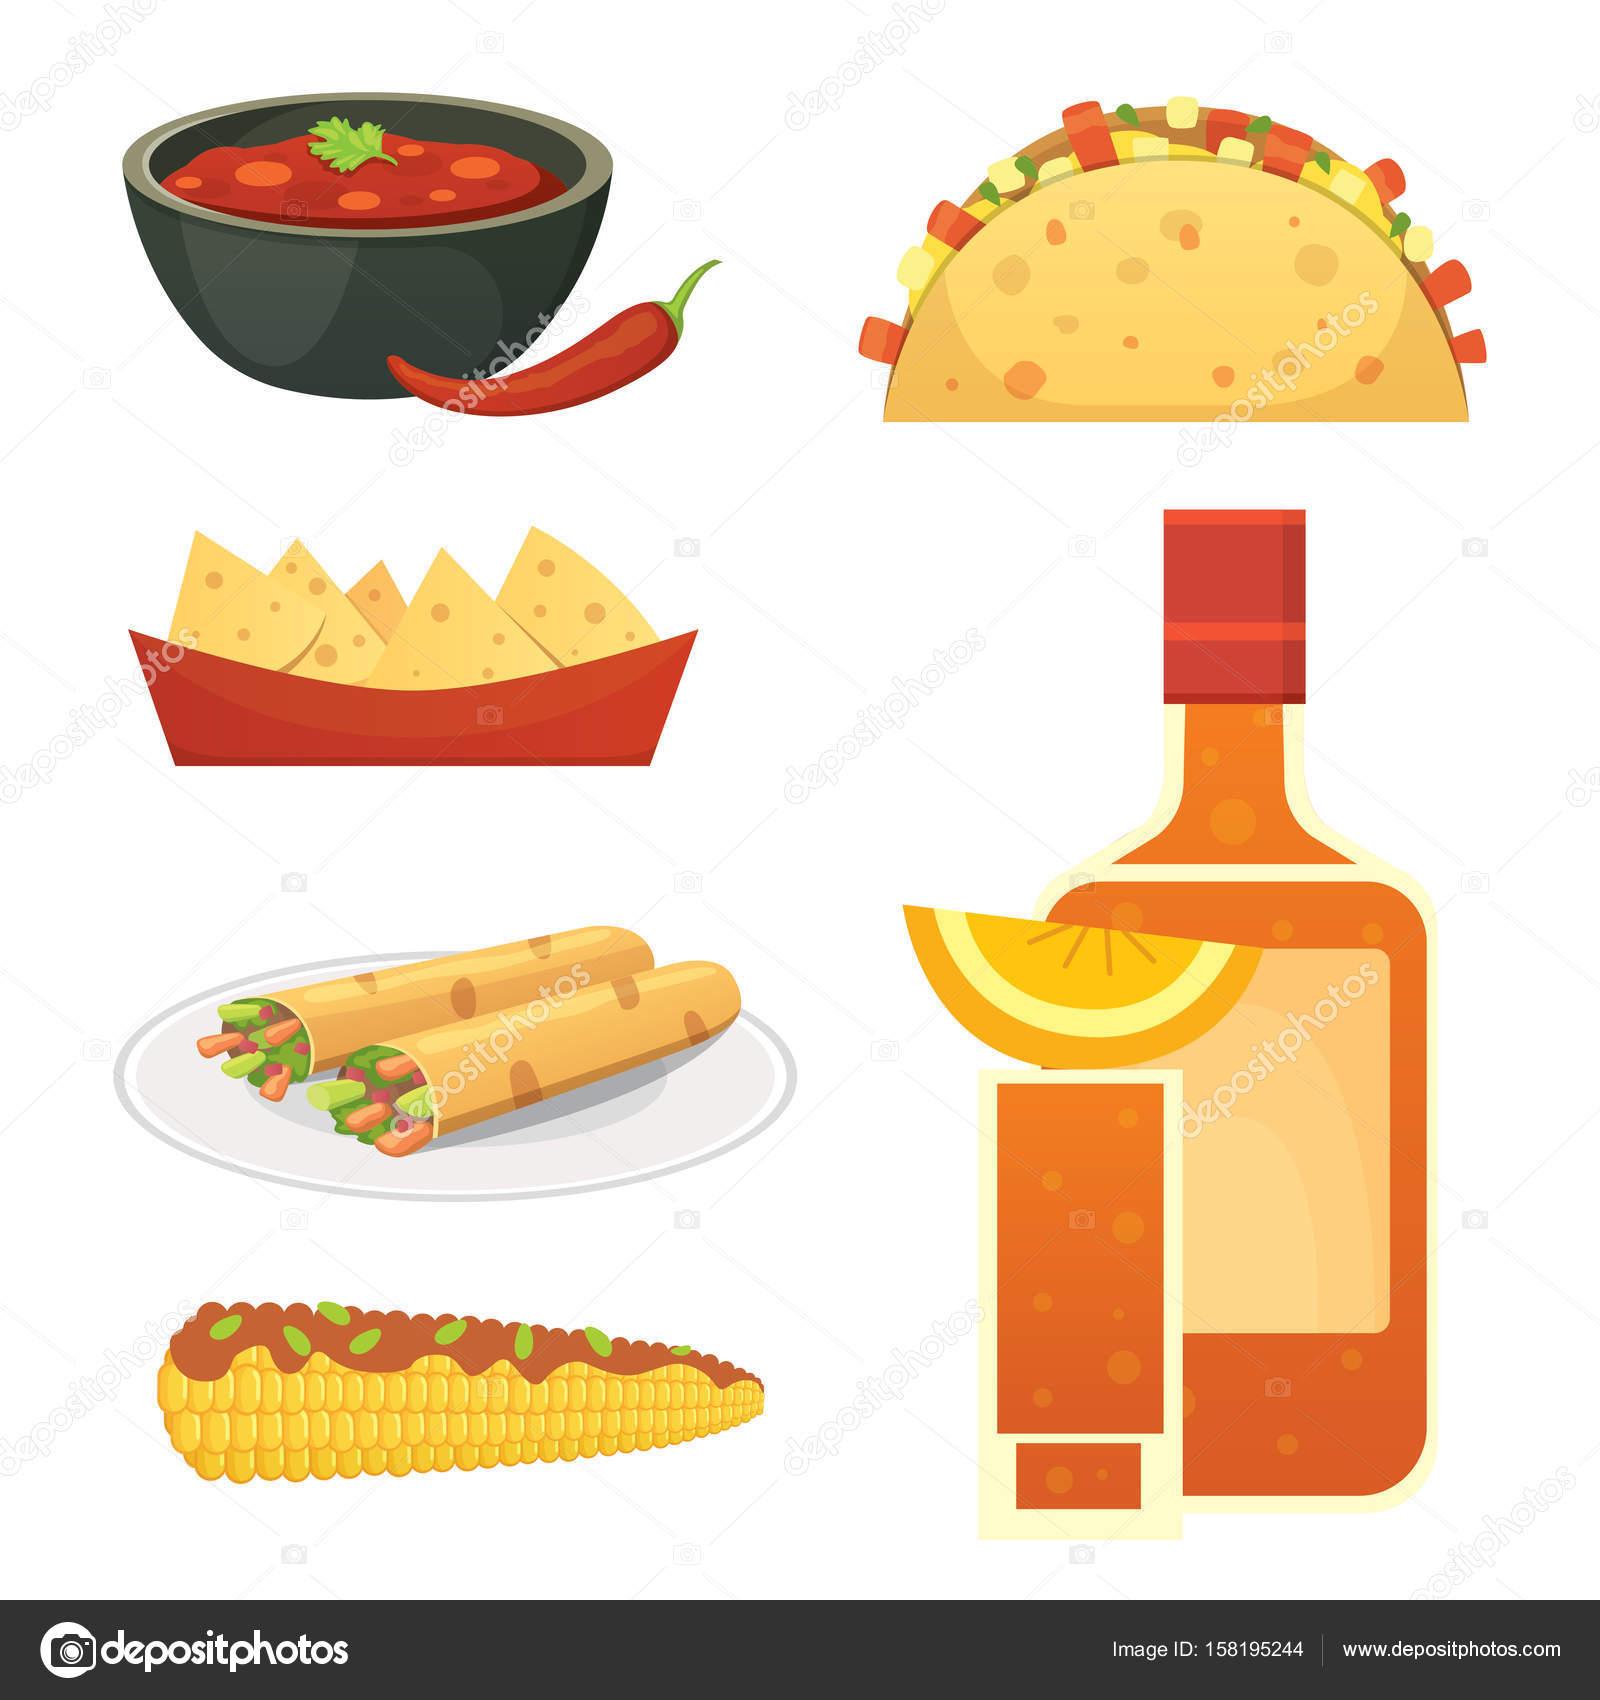 Cocina mexicana de dibujos animados platos ilustracin conjunto  Vector de stock  Denis08131mailru 158195244